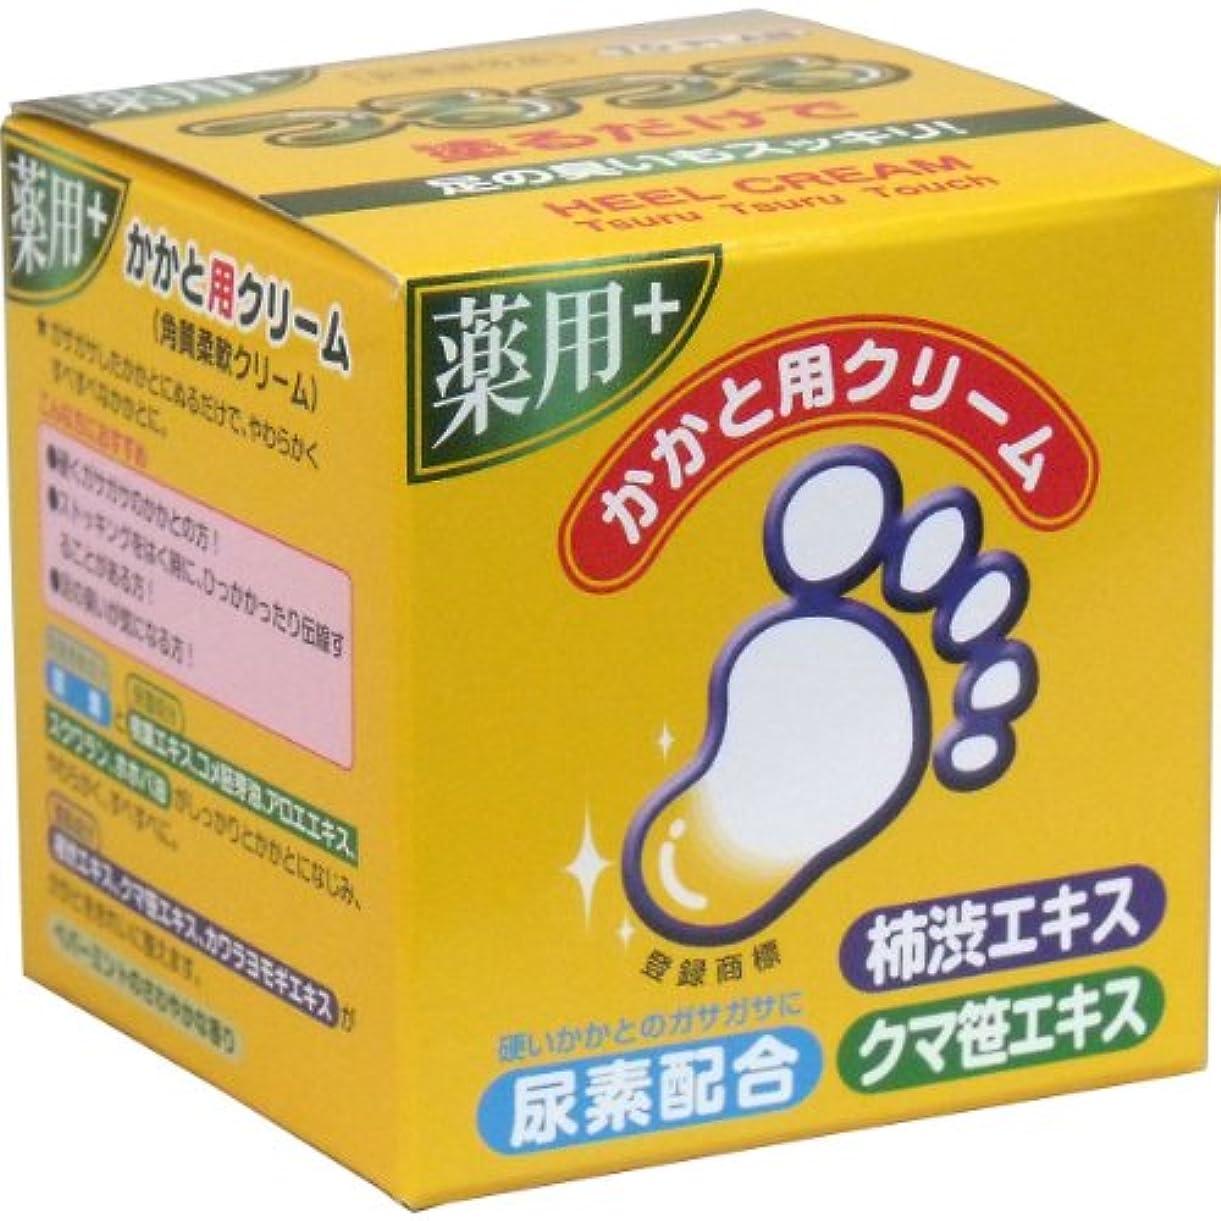 軽く活性化同封するTO-PLAN(トプラン) 薬用かかと用クリーム 110g